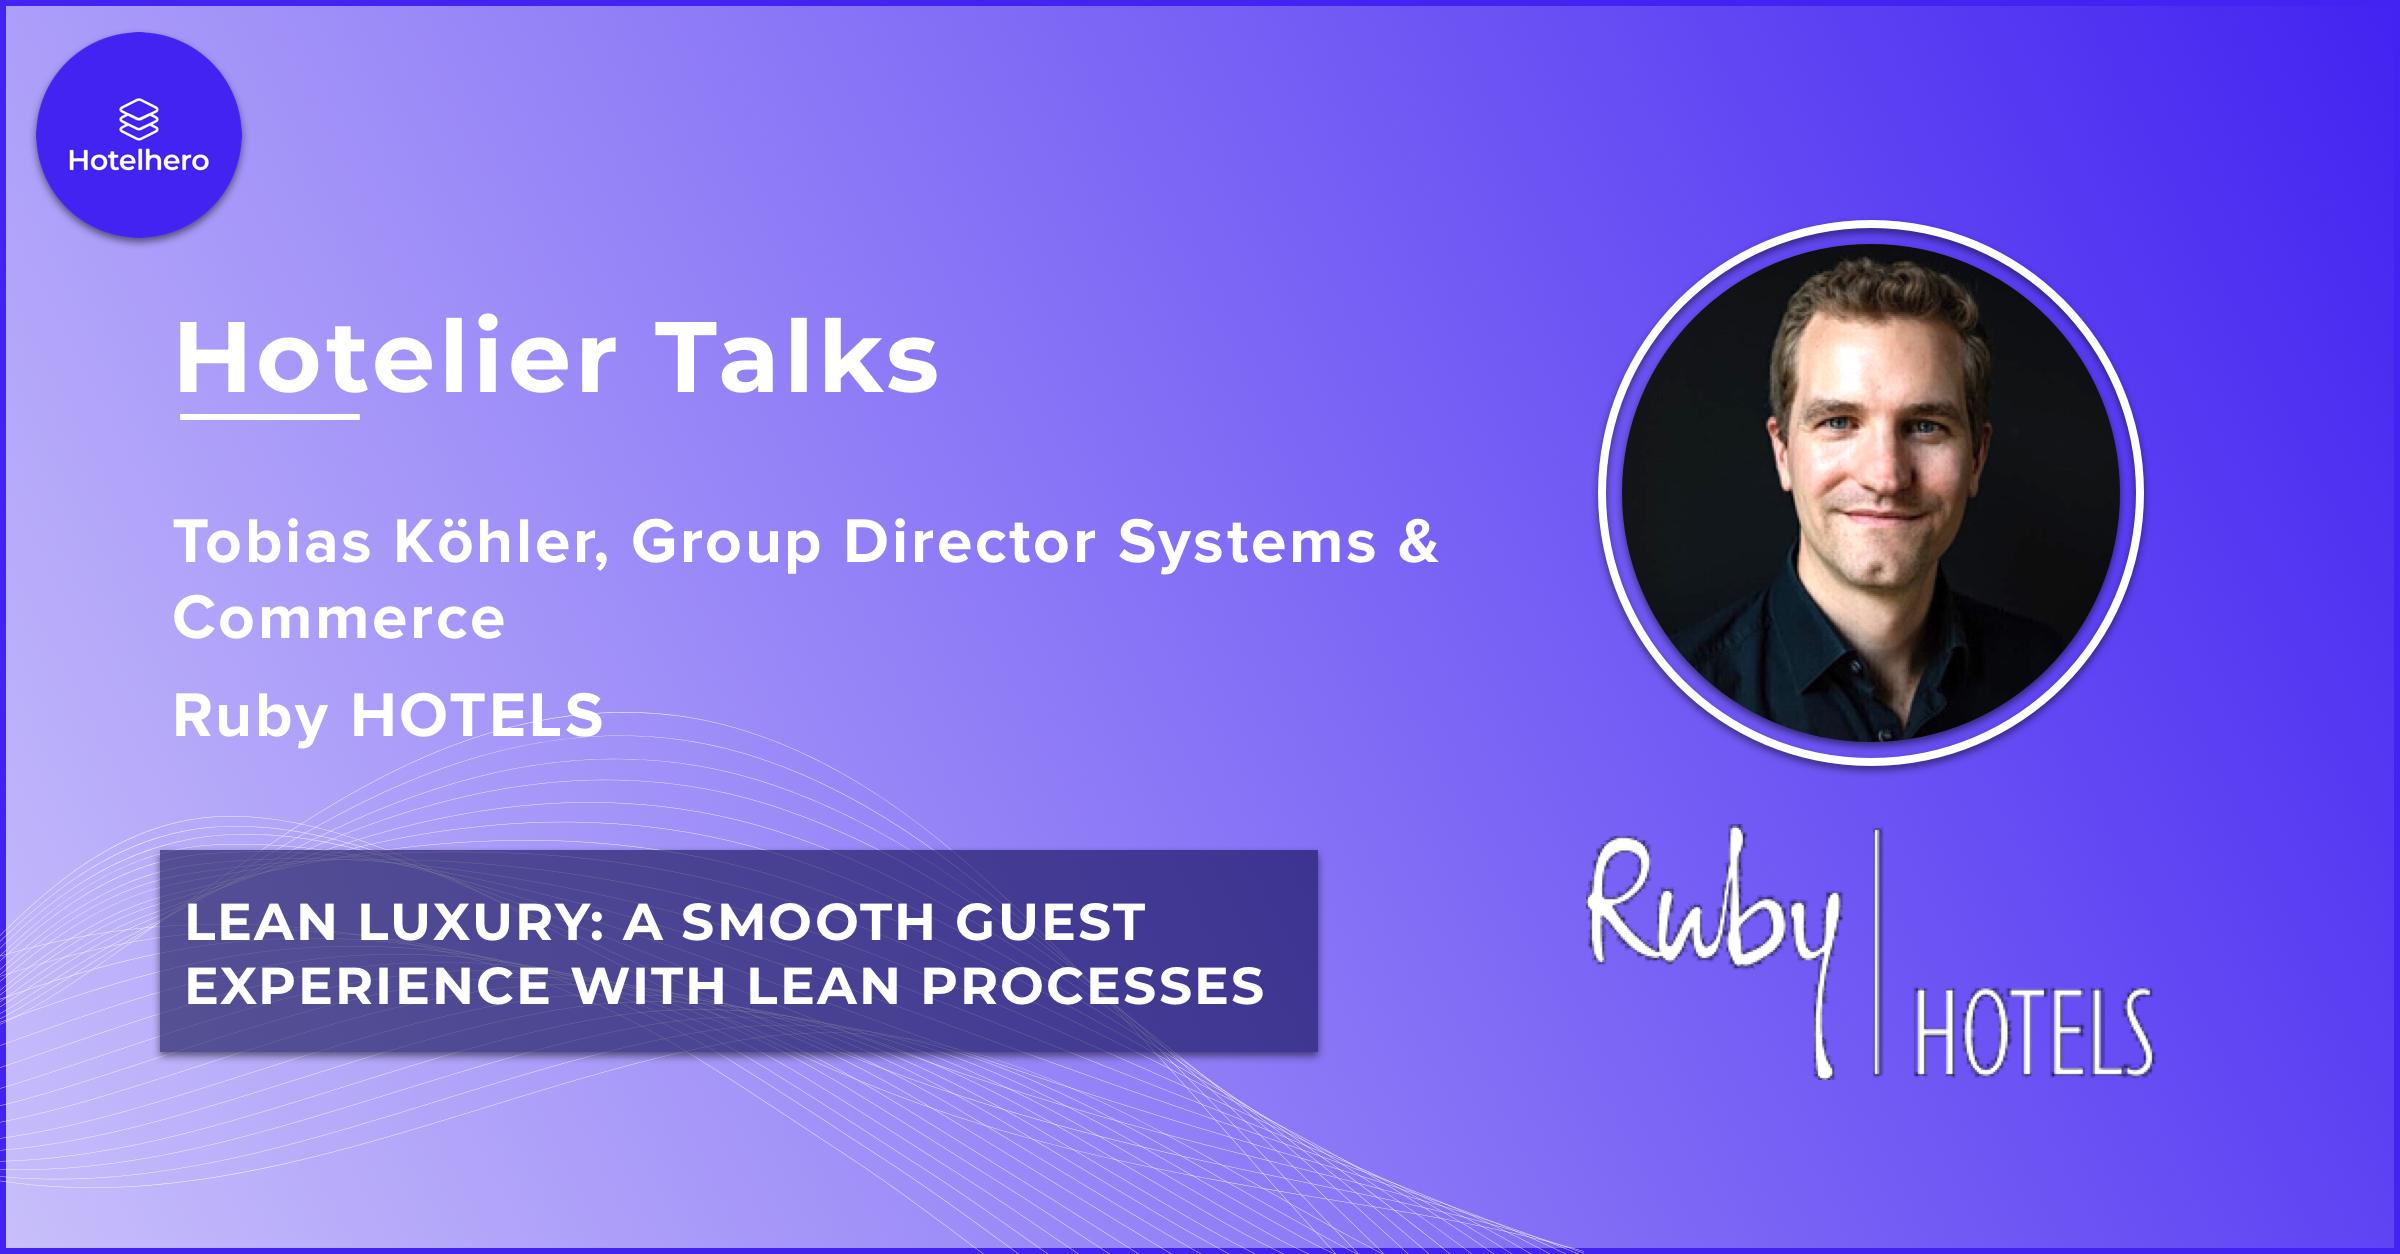 Ruby HOTELS - Le luxe simple : une expérience client en douceur avec des processus...